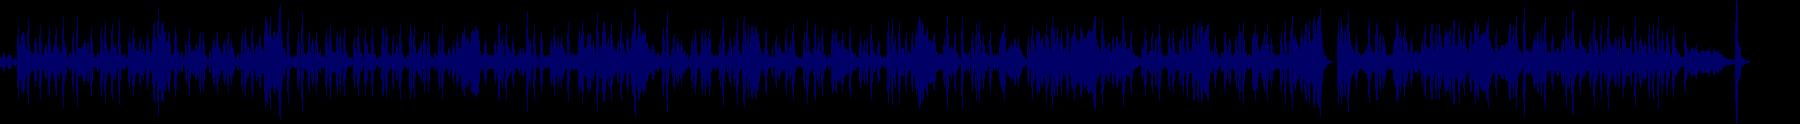 waveform of track #69869